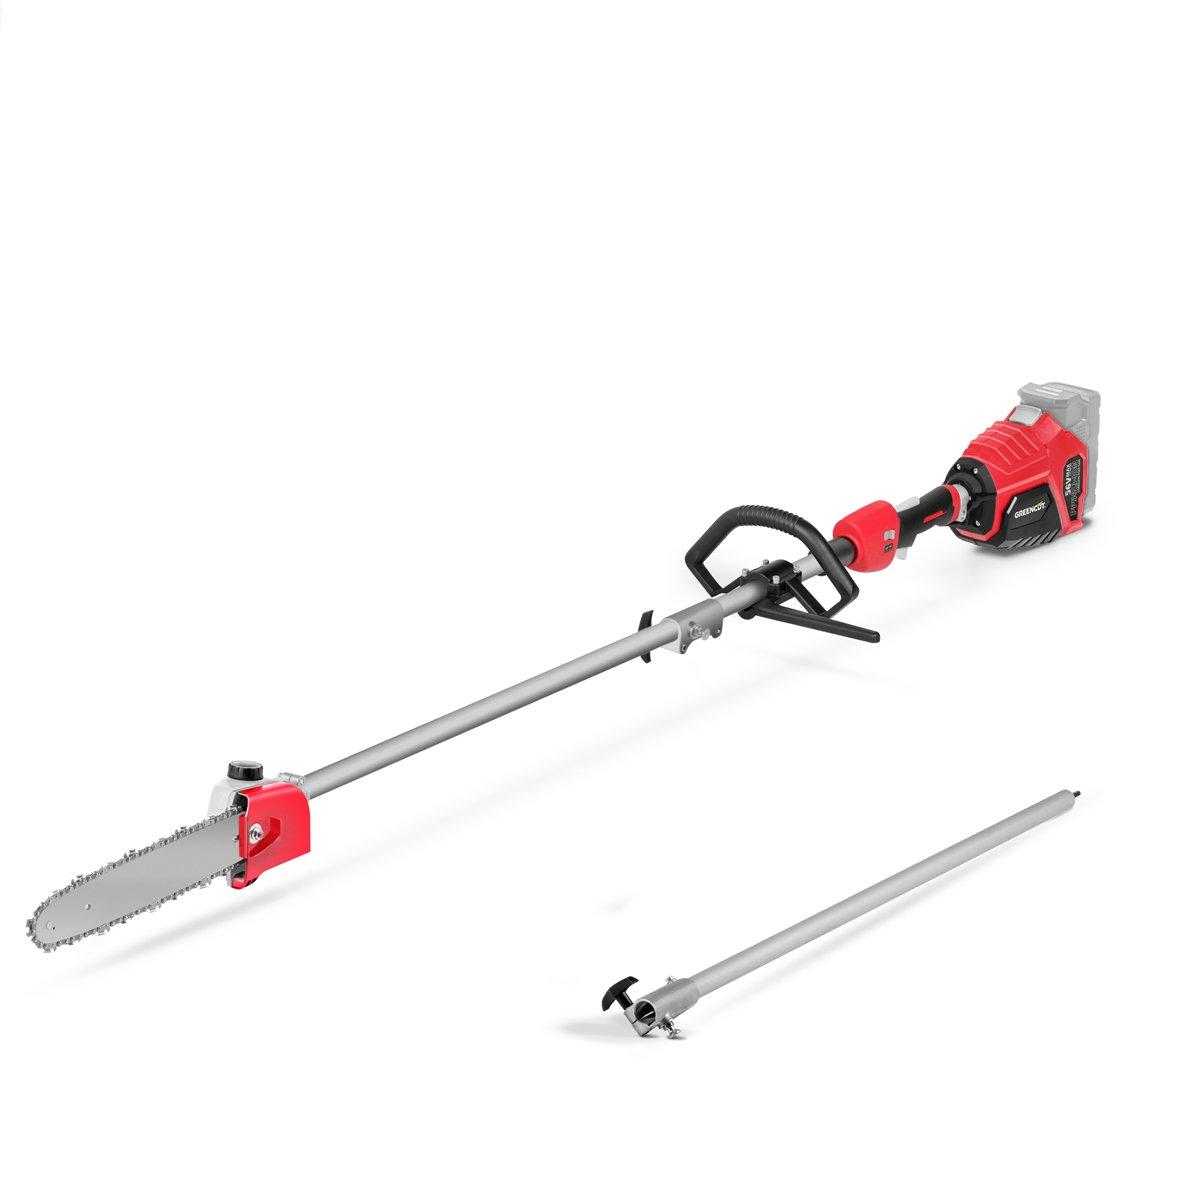 Podadora de altura telesc/ópica con bater/ía de litio de 40V Greencut PP40LI-ION altura m/áxima de corte de 2,65m con la barra extensible